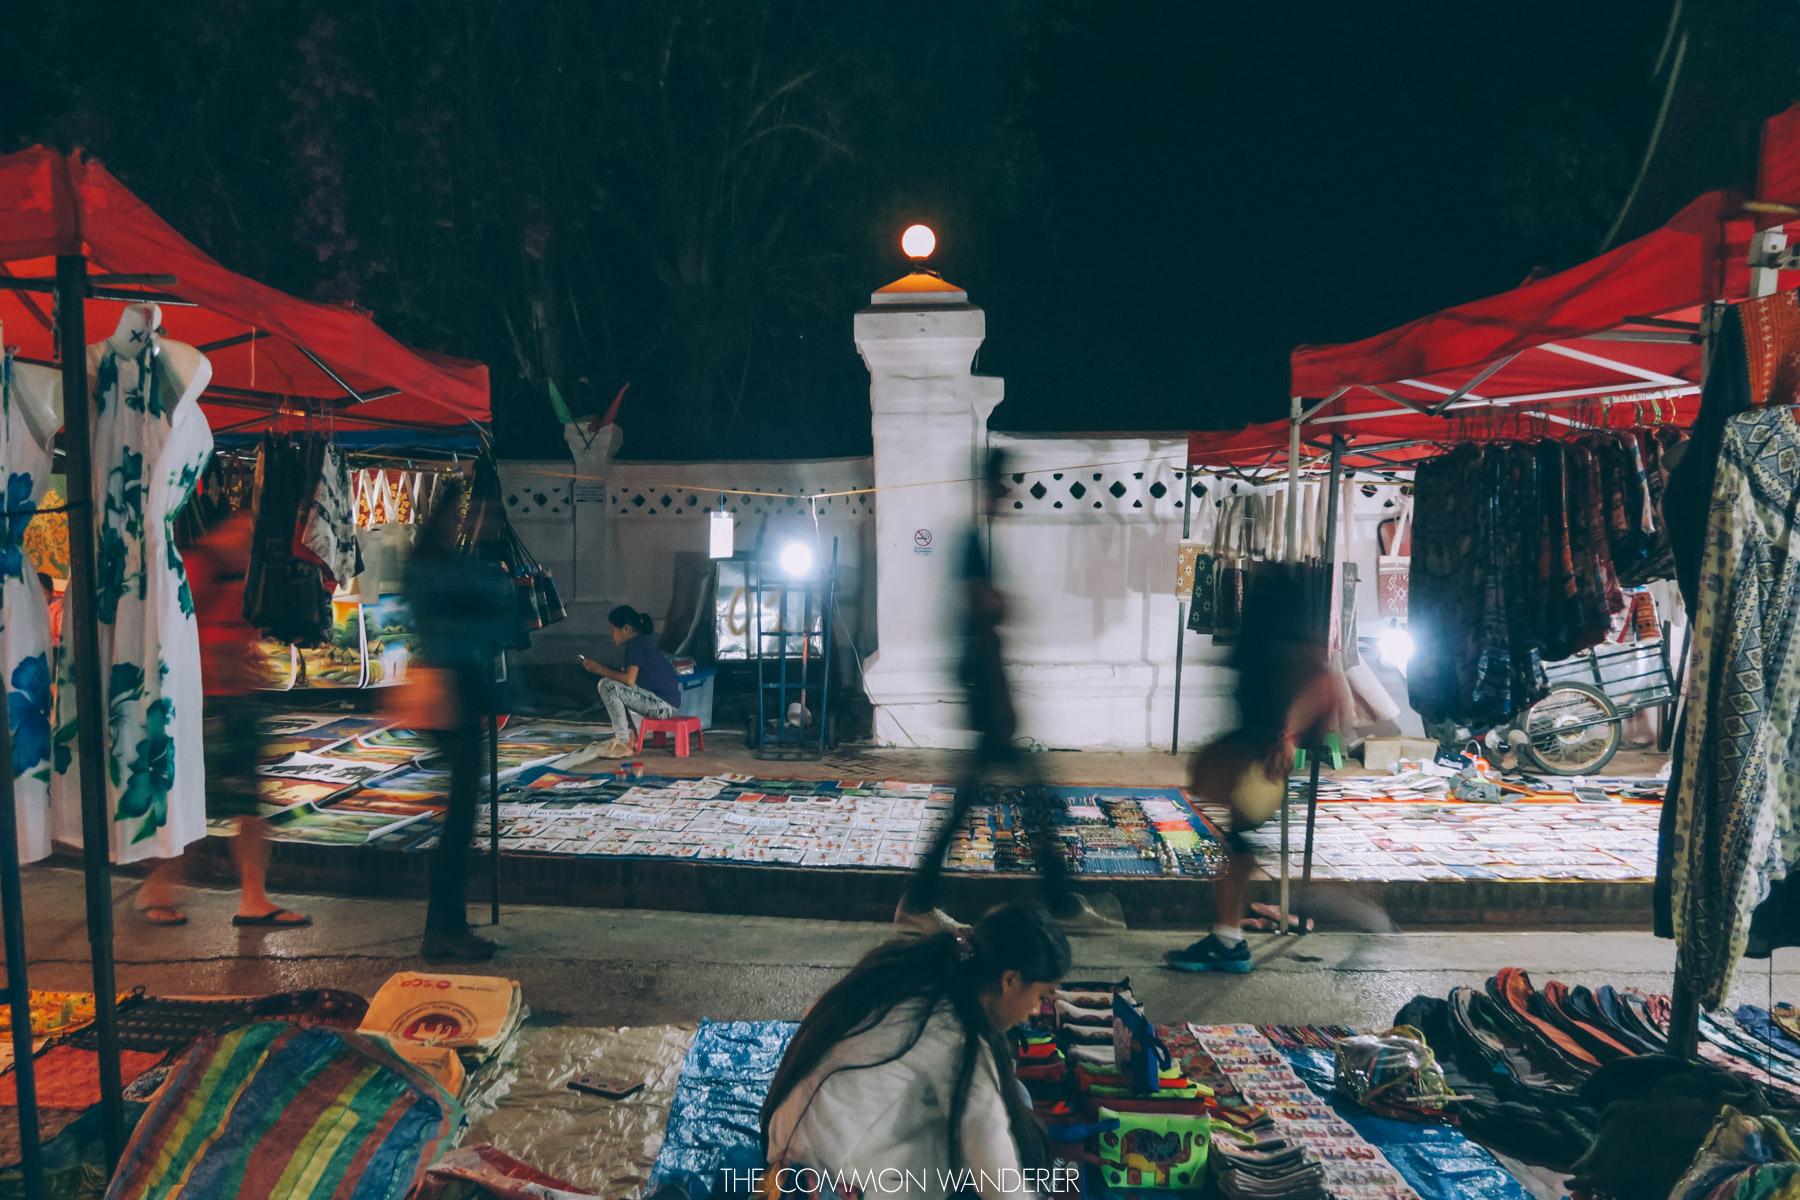 The Luang Prabang night market in Laos